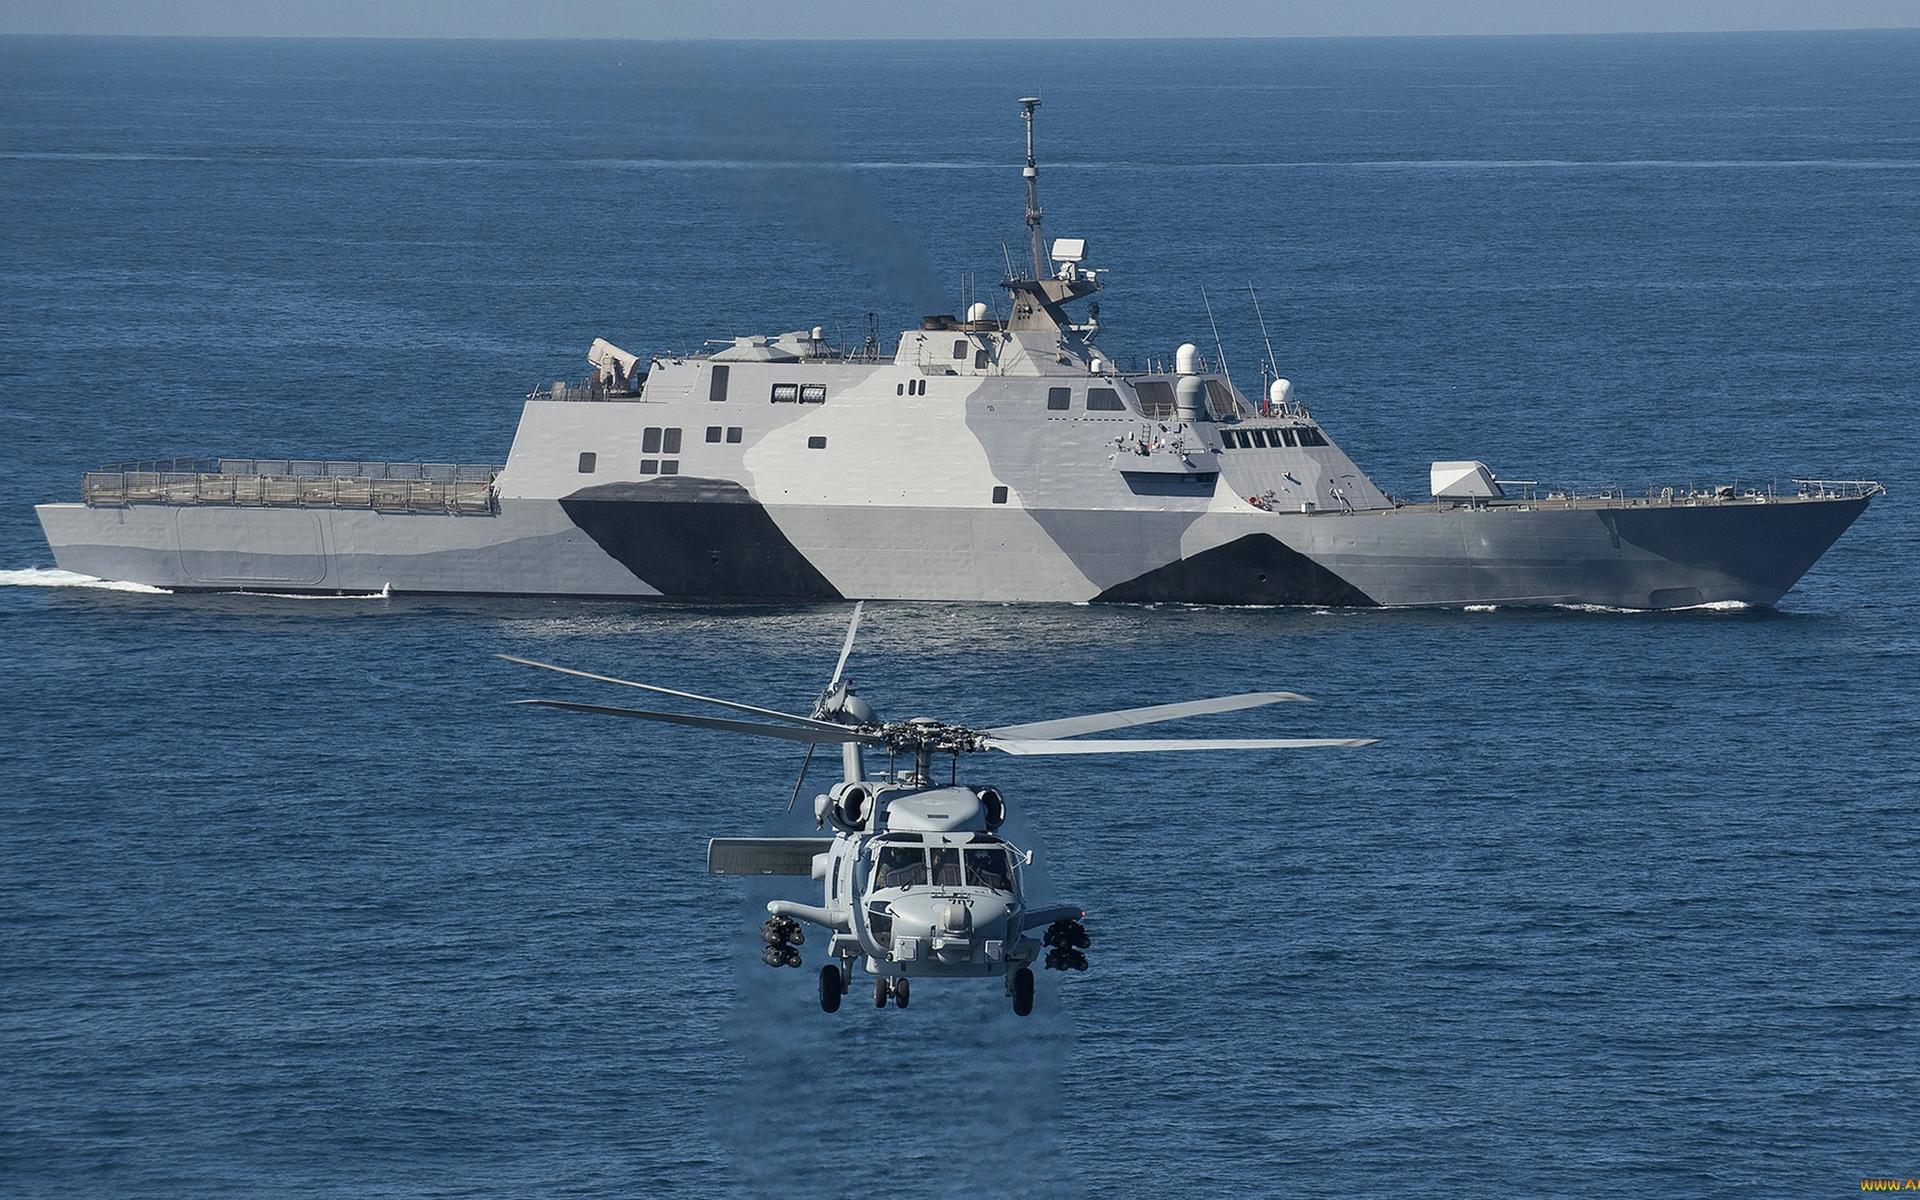 военный корабль, палуба, антенны